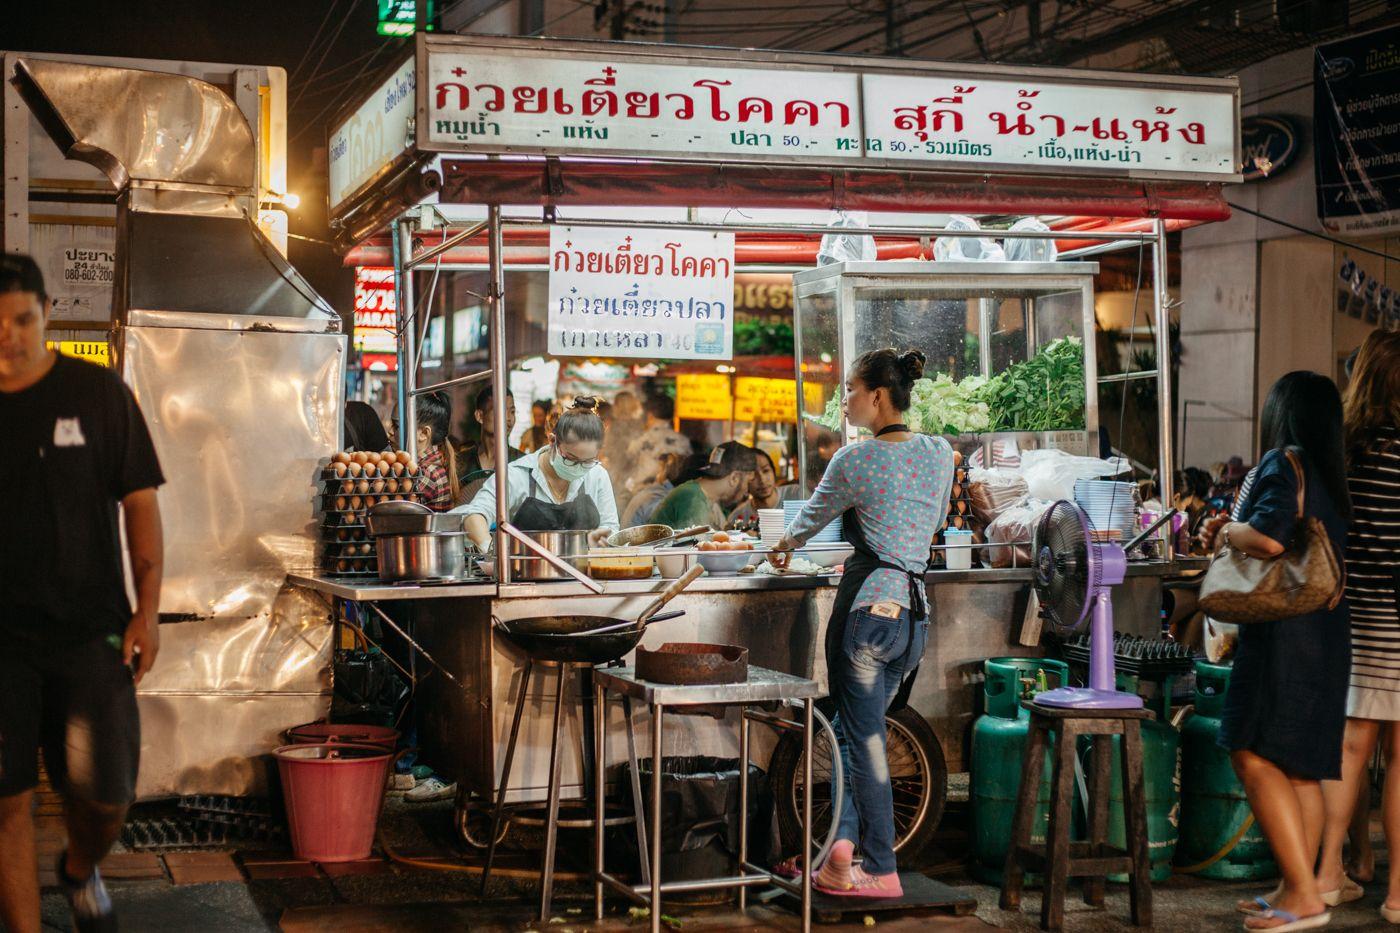 Khu chợ Chang Puak